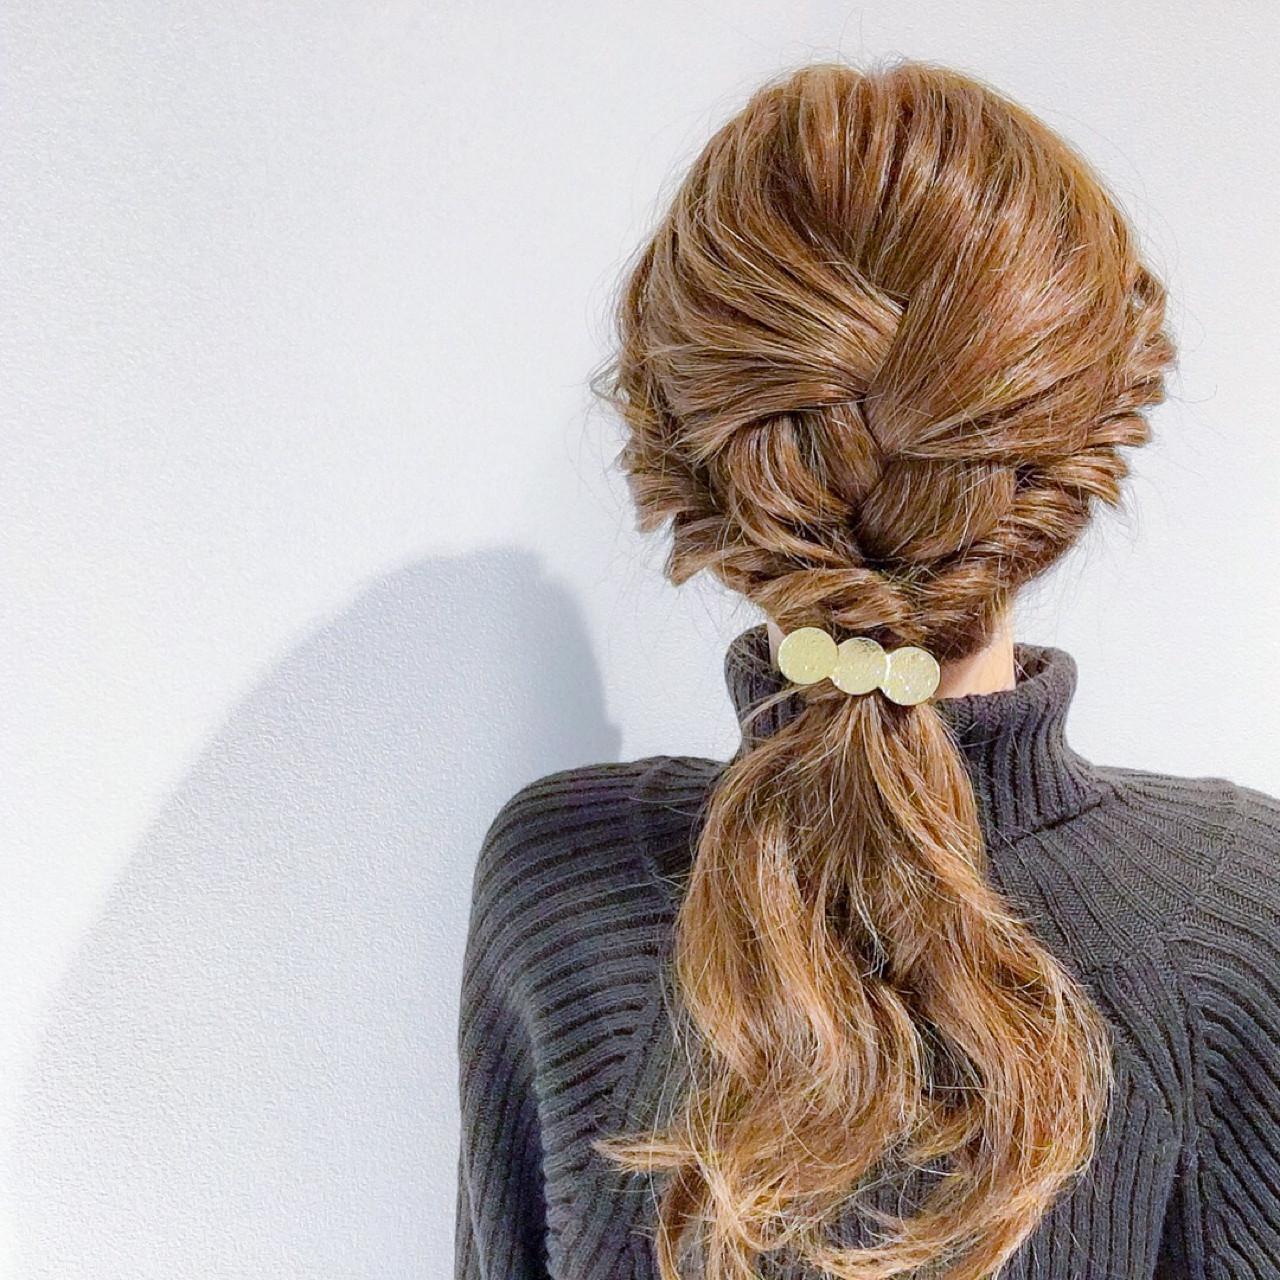 結婚式 ロング ヘアアレンジ 簡単ヘアアレンジ ヘアスタイルや髪型の写真・画像 | 美容師HIRO/Amoute代表 / Amoute/アムティ